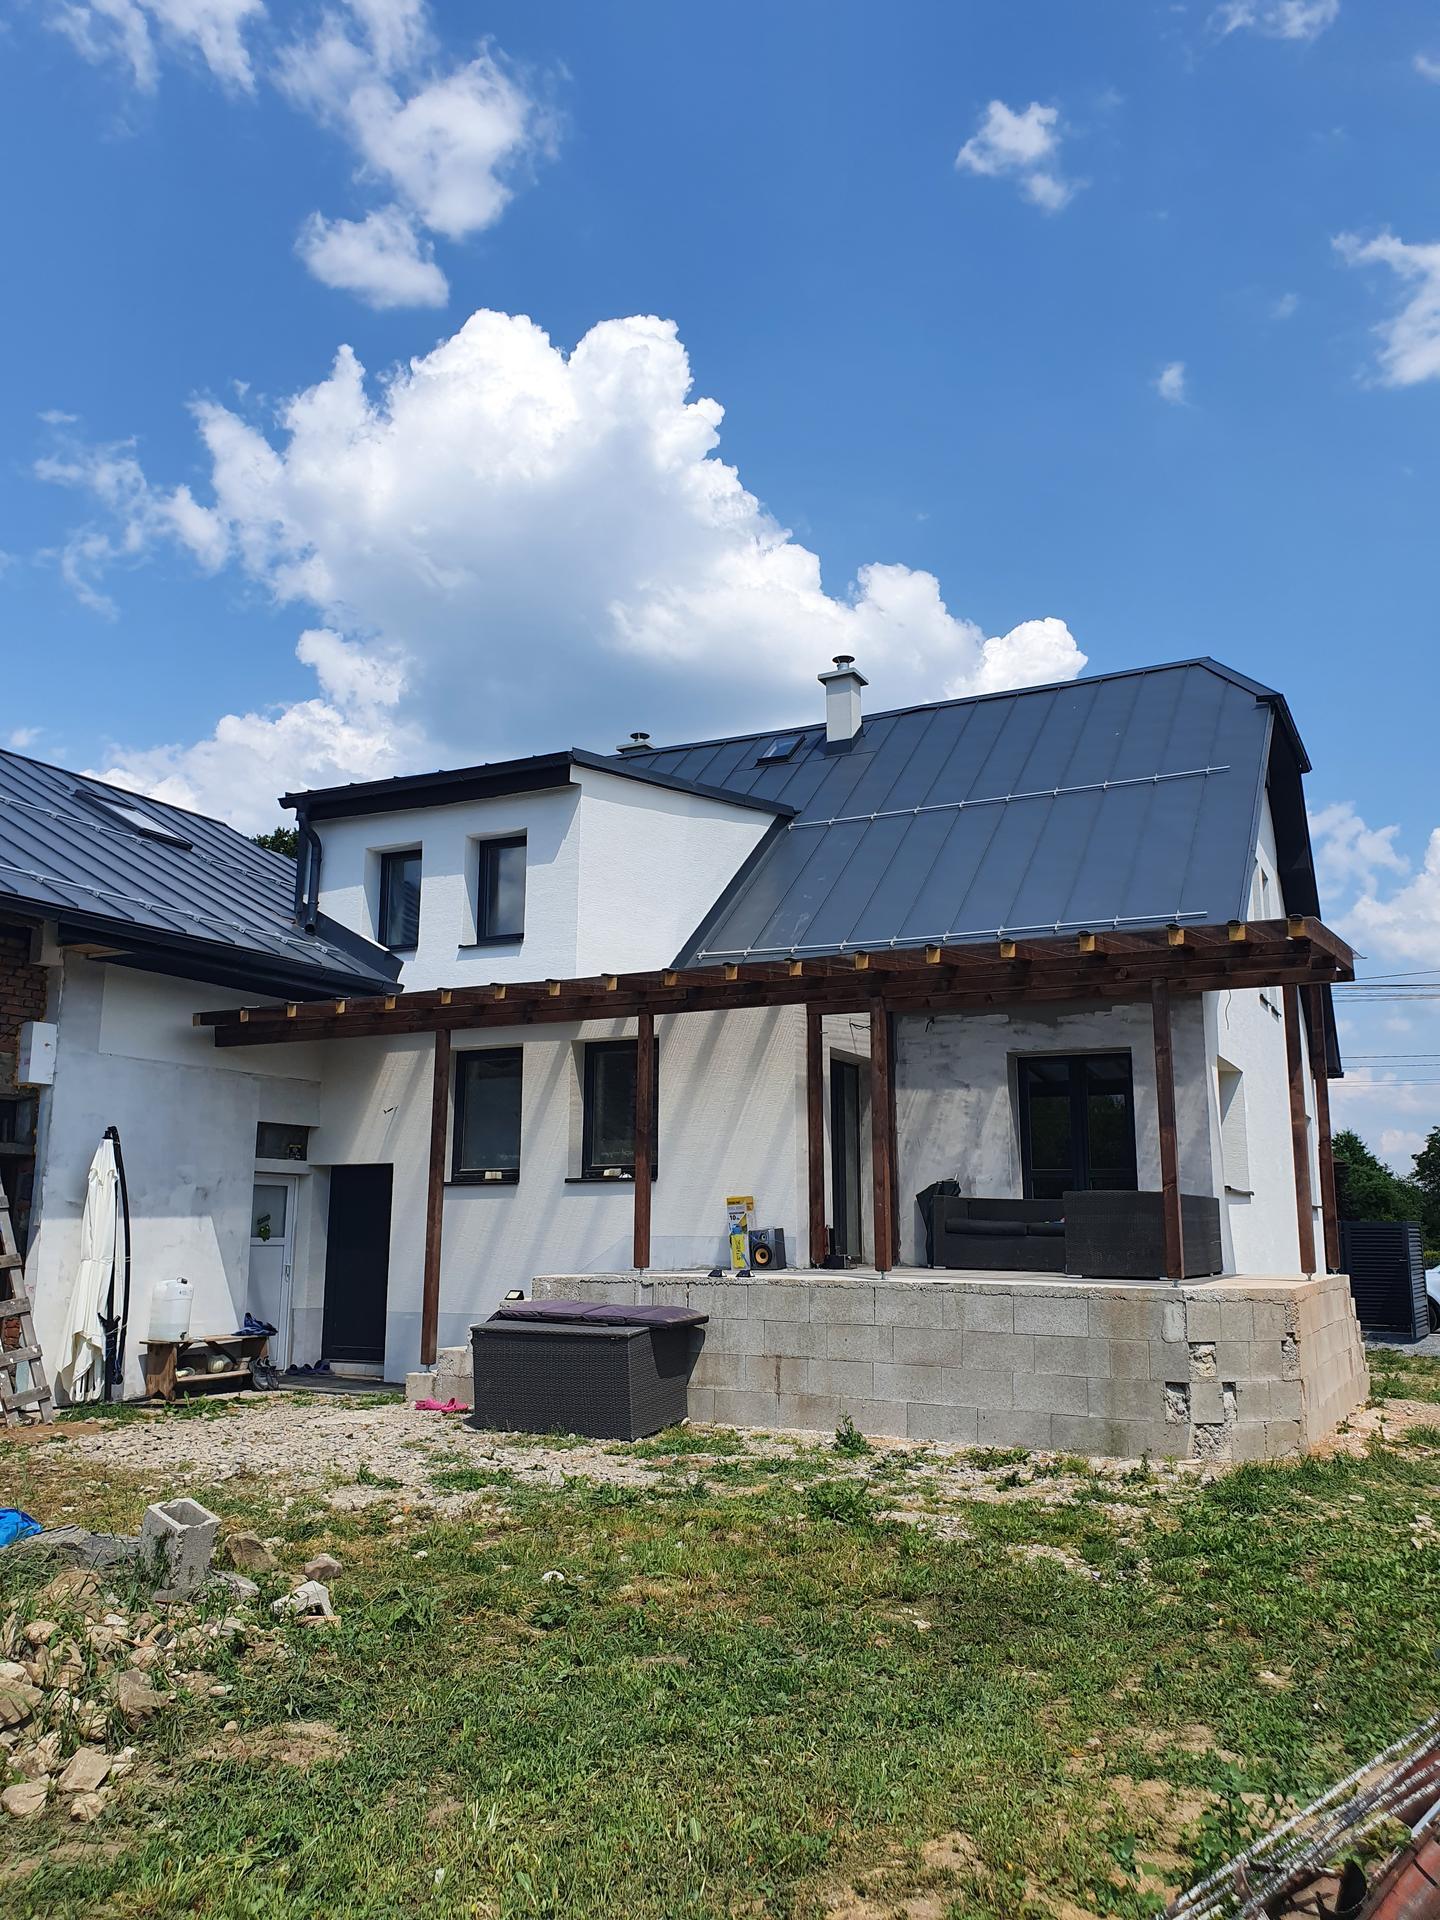 Rekonštrukcia domu-alebo chceme si splniť sen =》🏠🌻🌼🐶  mat domcek a vratit sa na Slovensko - Obrázok č. 772